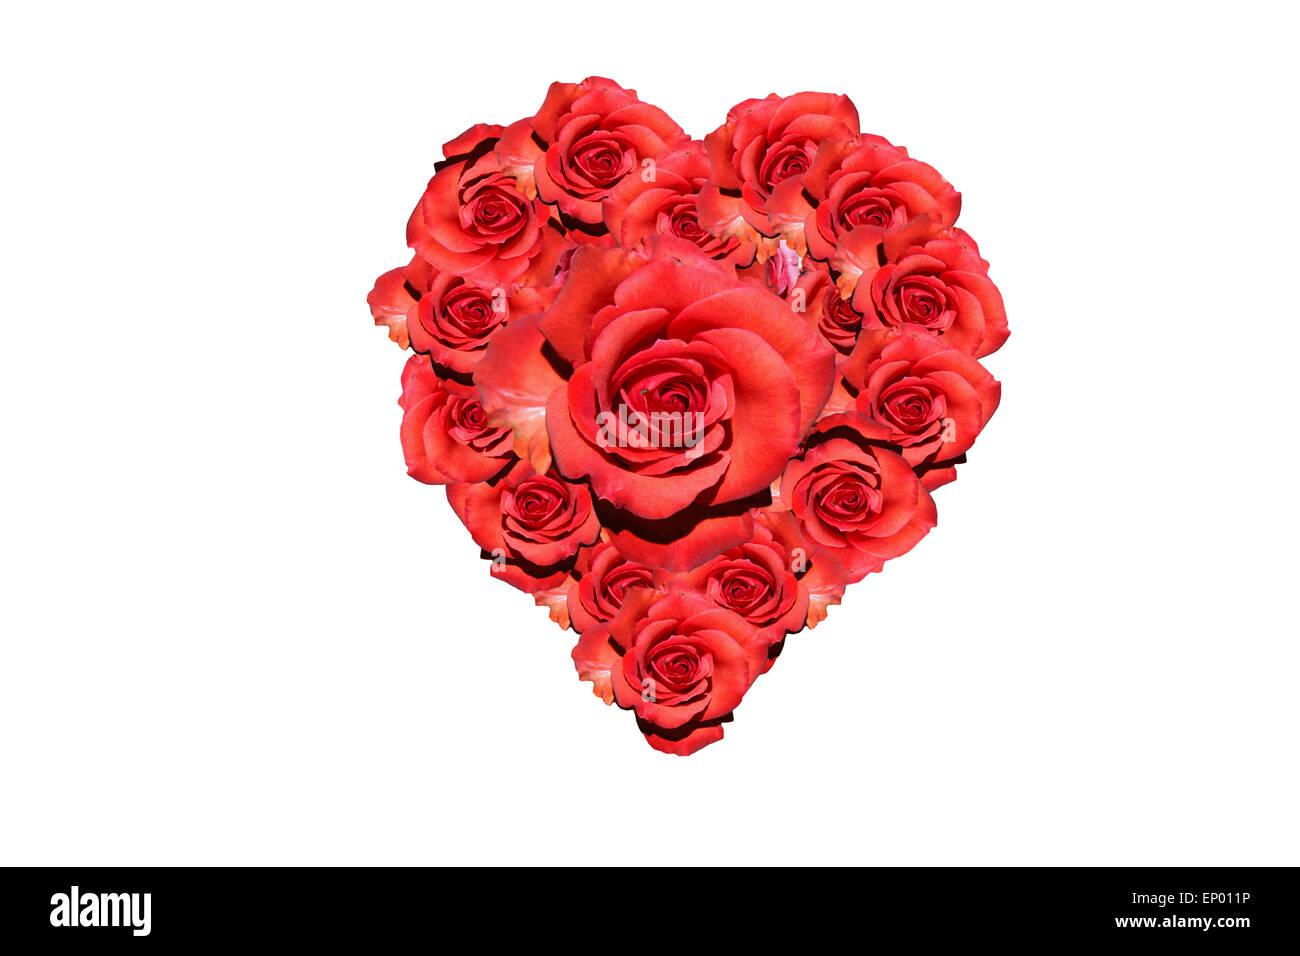 Herz: Rote Rosen - Symbolbild Liebe/ Valentinstag/ heart: red rose ...